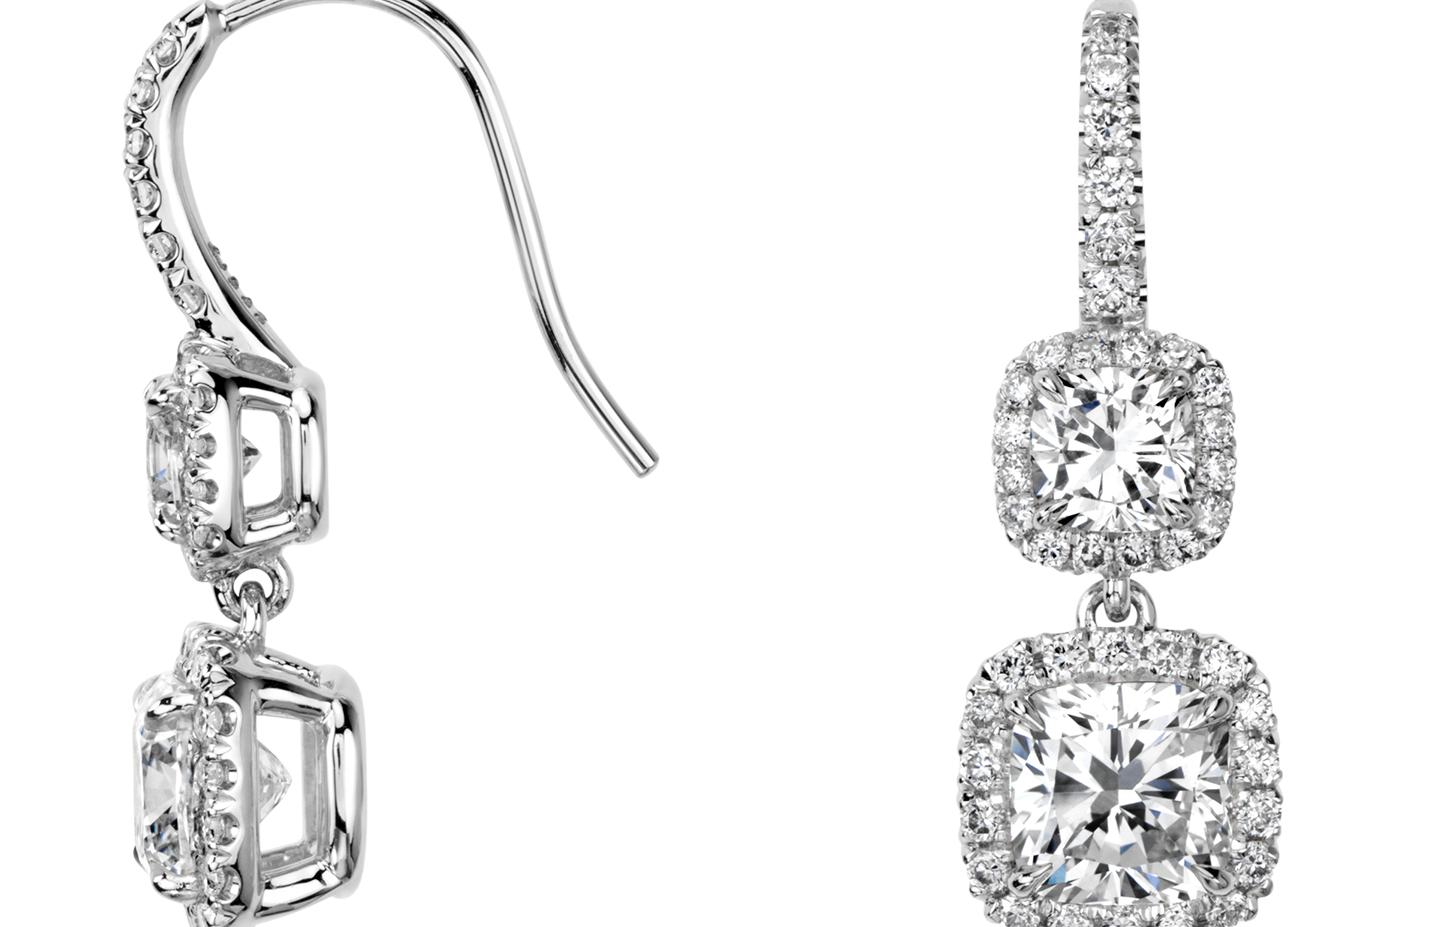 Pendants d'oreilles double halo de diamants taille coussin en or blanc 18carats